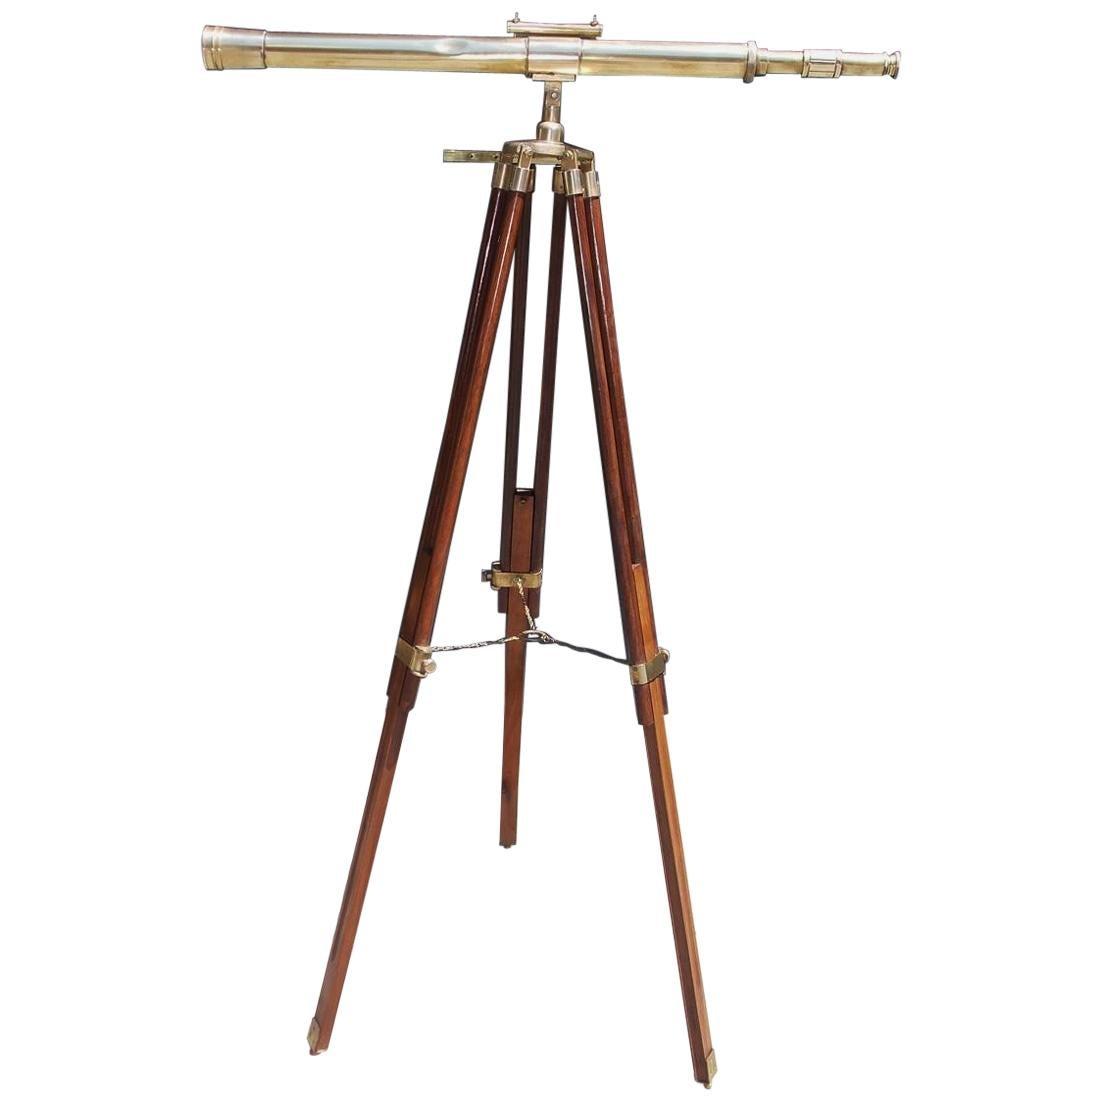 Brass Telescopes - 72 For Sale on 1stdibs